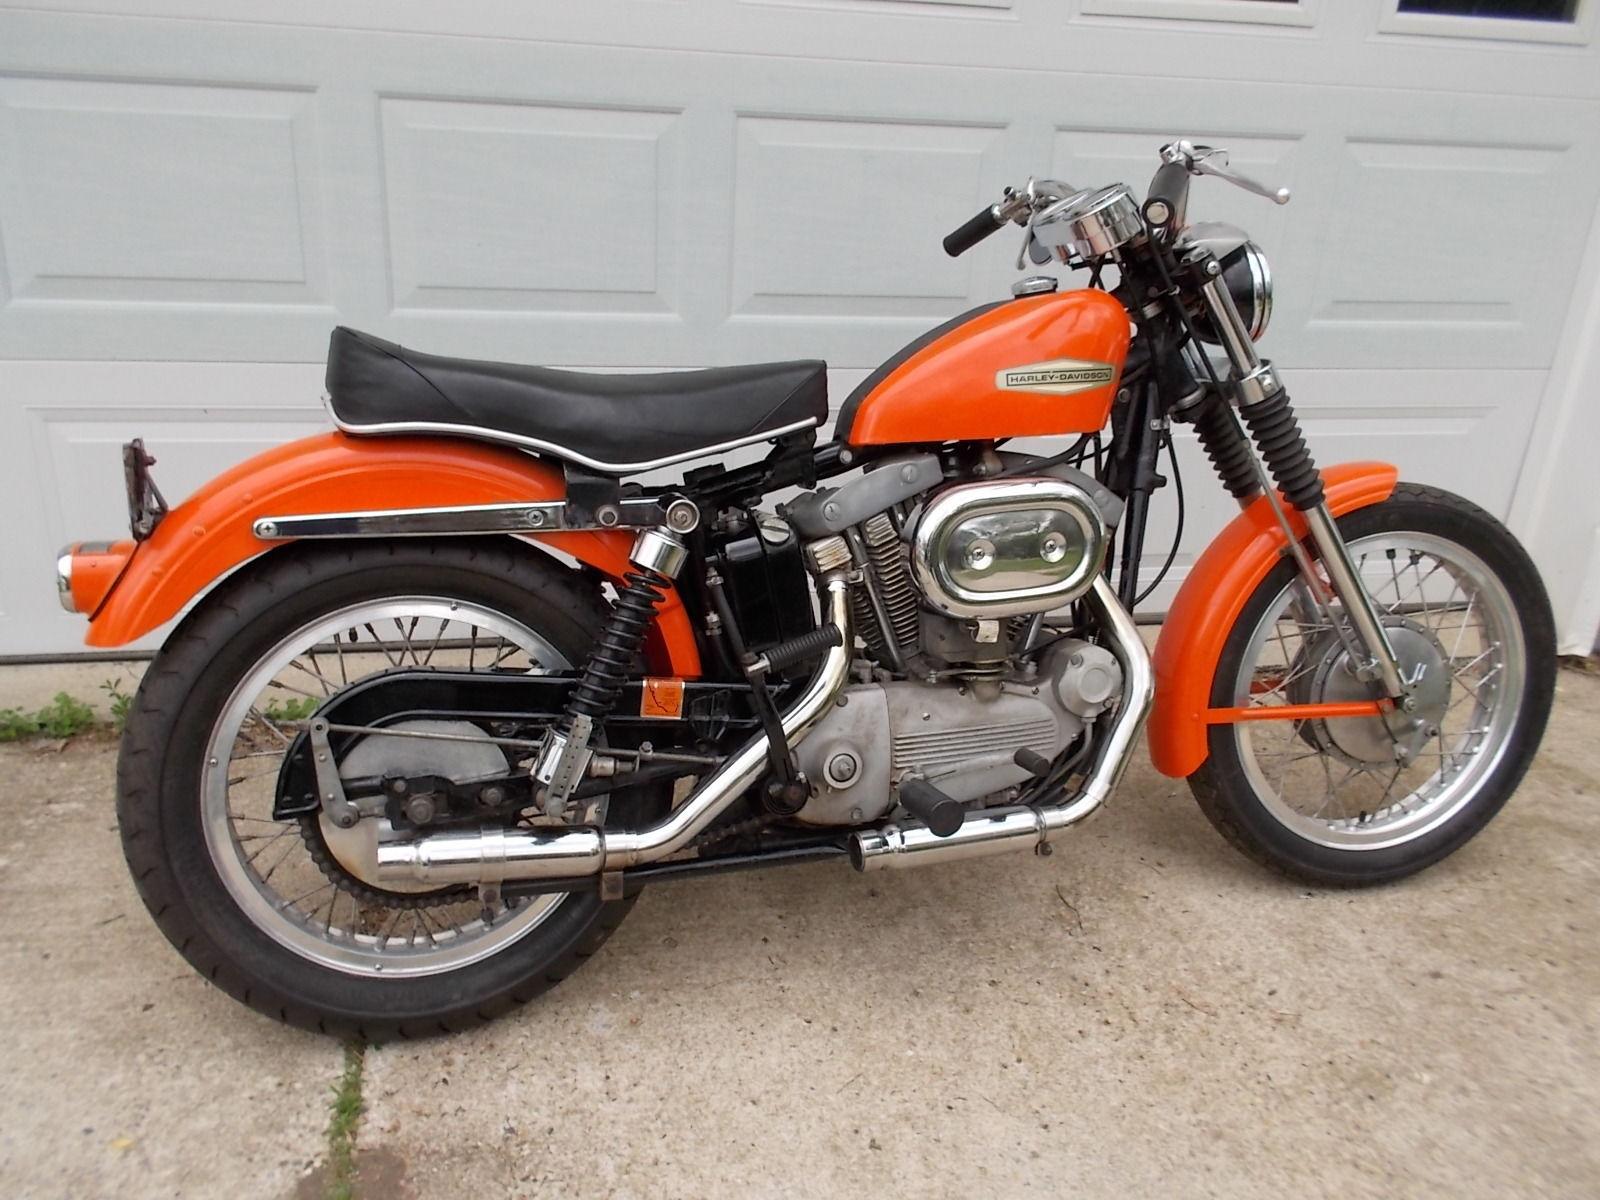 1968 harley davidson sportster xlch bike urious. Black Bedroom Furniture Sets. Home Design Ideas